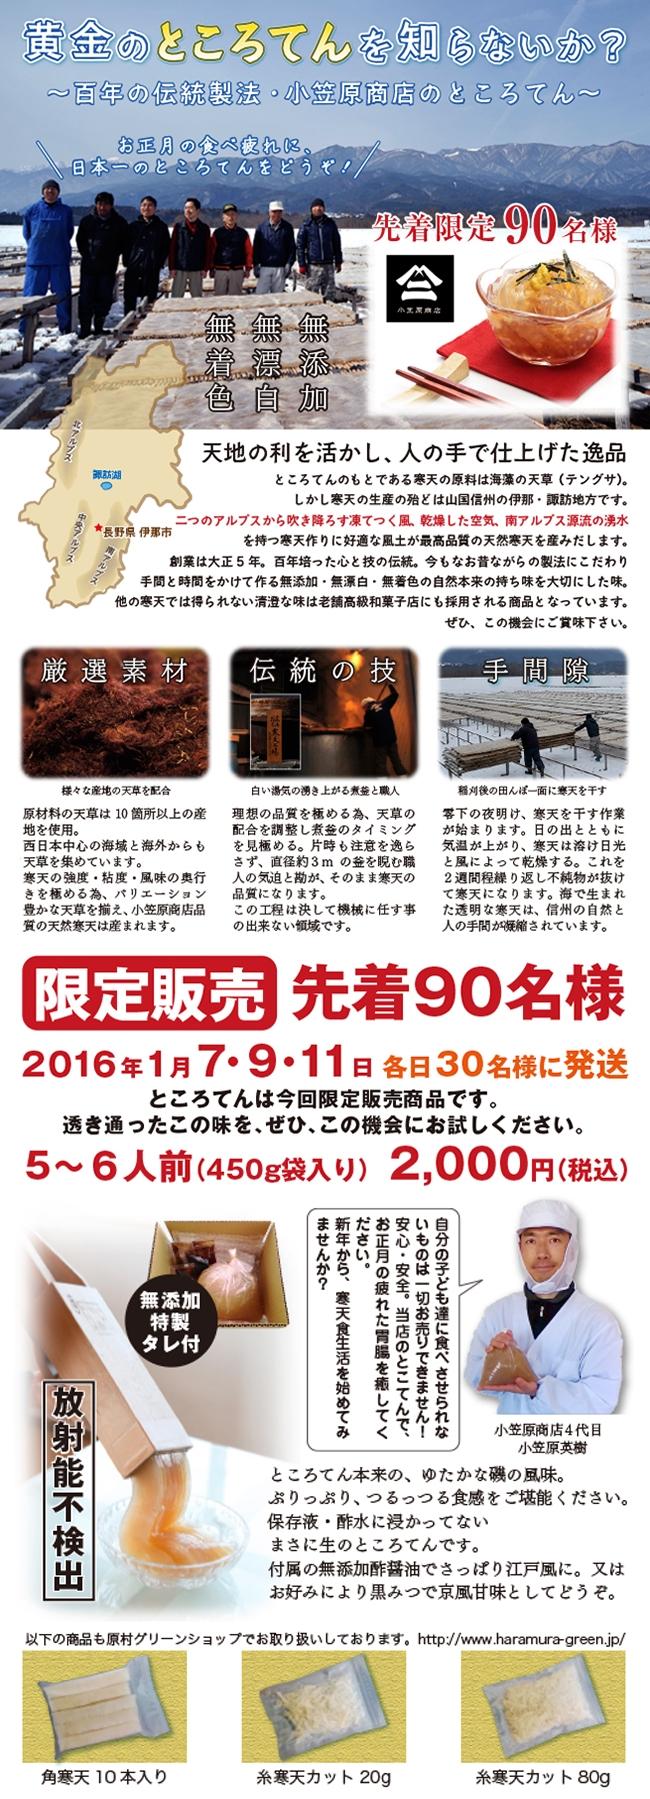 ogasawara_tokoroten2015.jpg